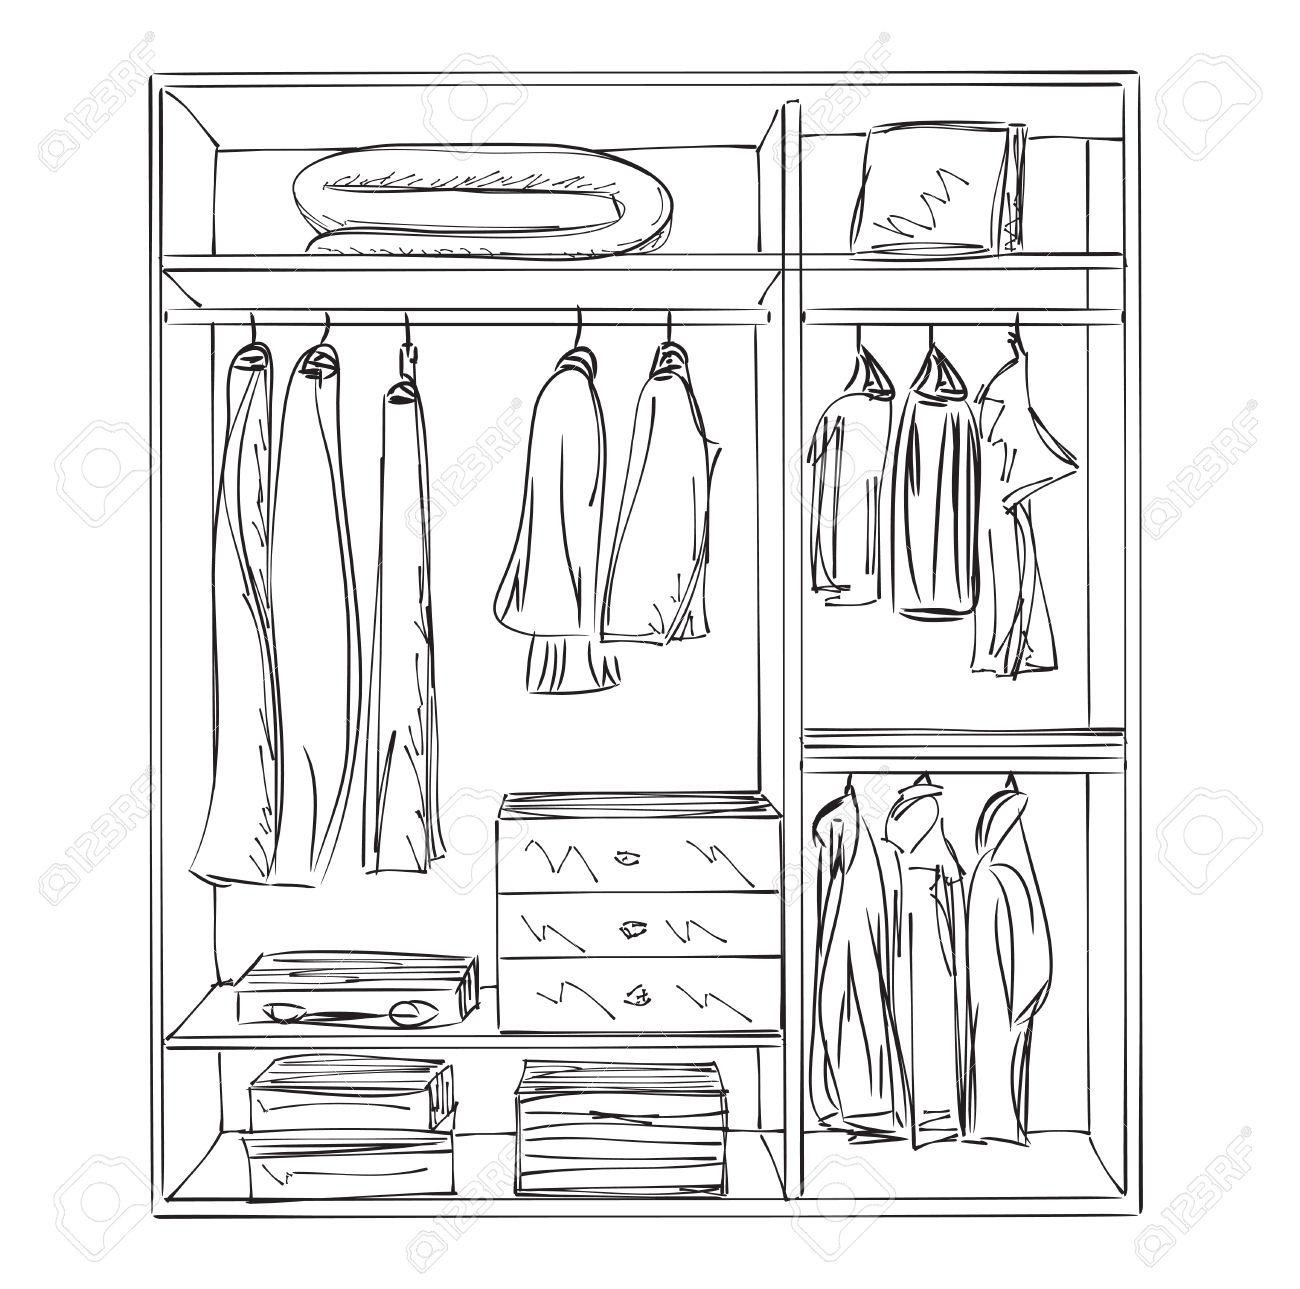 Kleiderschrank clipart  Hand Gezeichnet Kleiderschrank Skizze. Die Möbel Für Die Kleidung ...